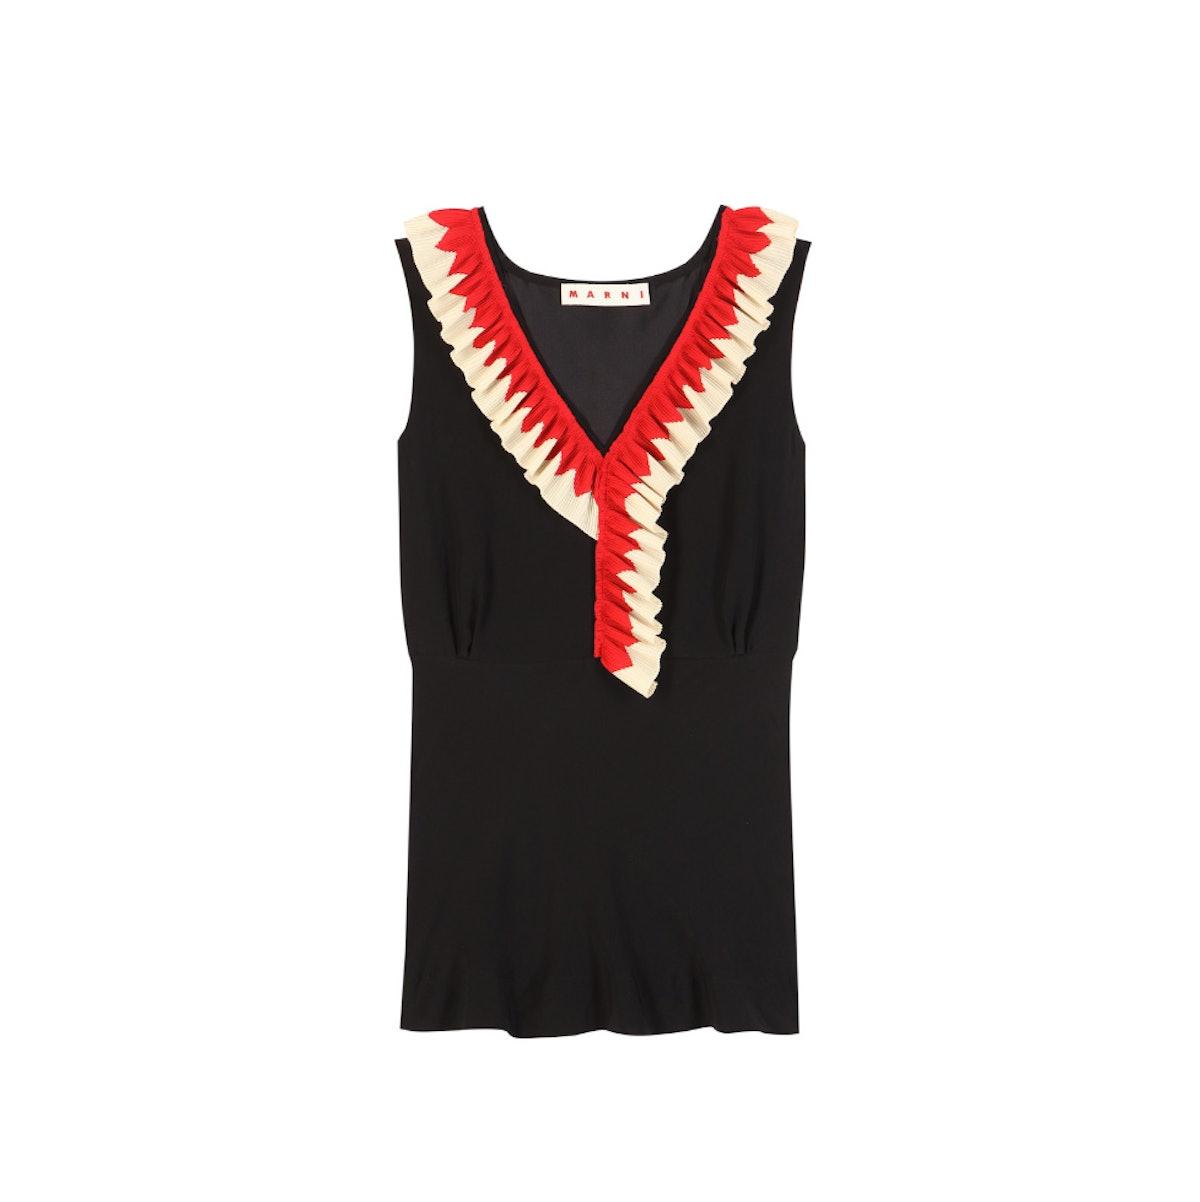 Marni,-$1290,-mytheresa.com